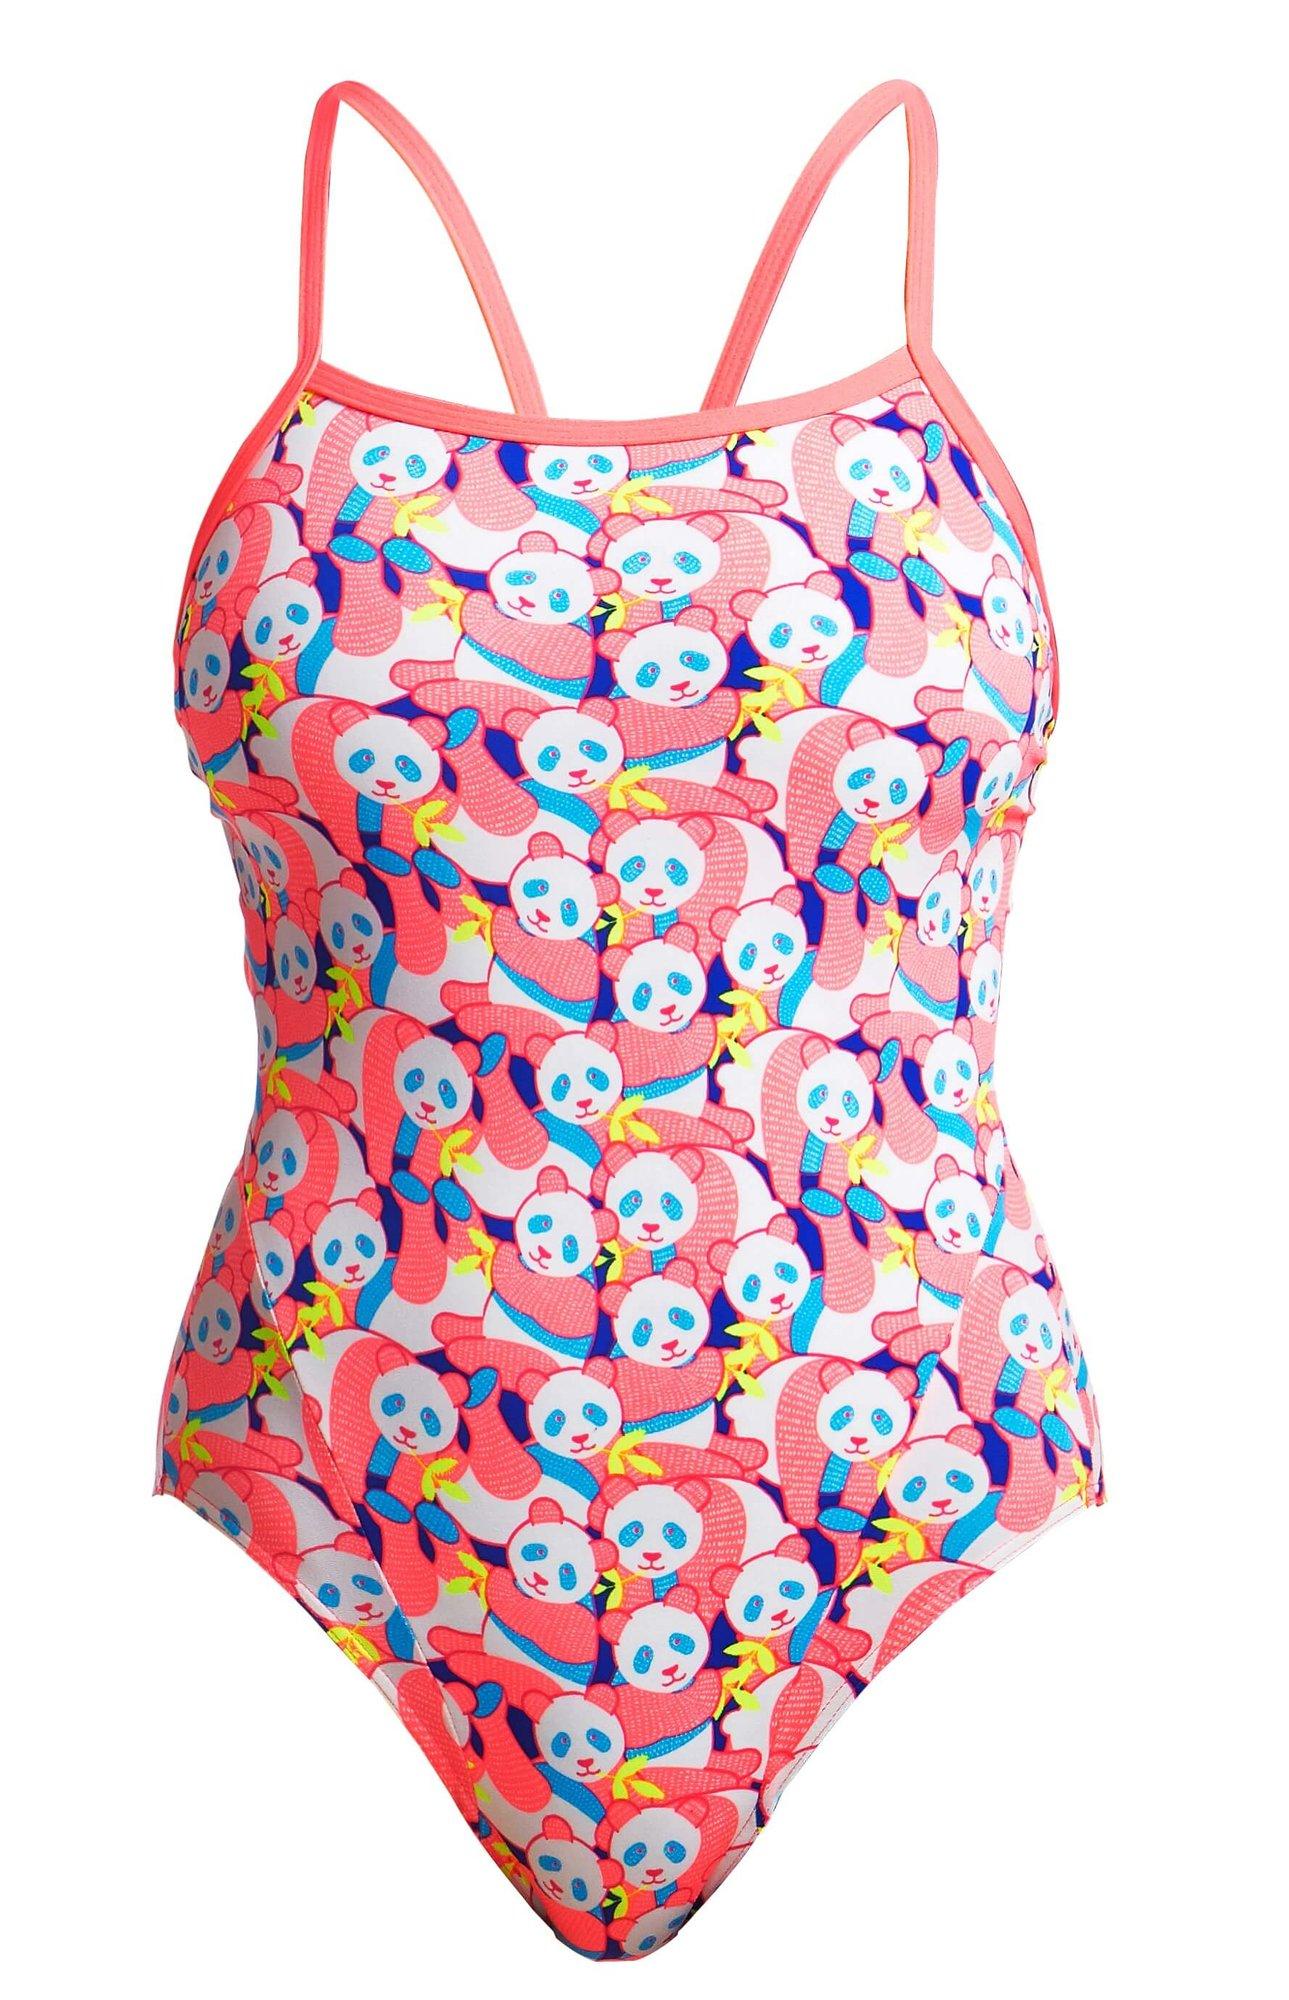 3bdfaf1e88f932 Funkita kostium kąpielowy Pink Panda | Klubben